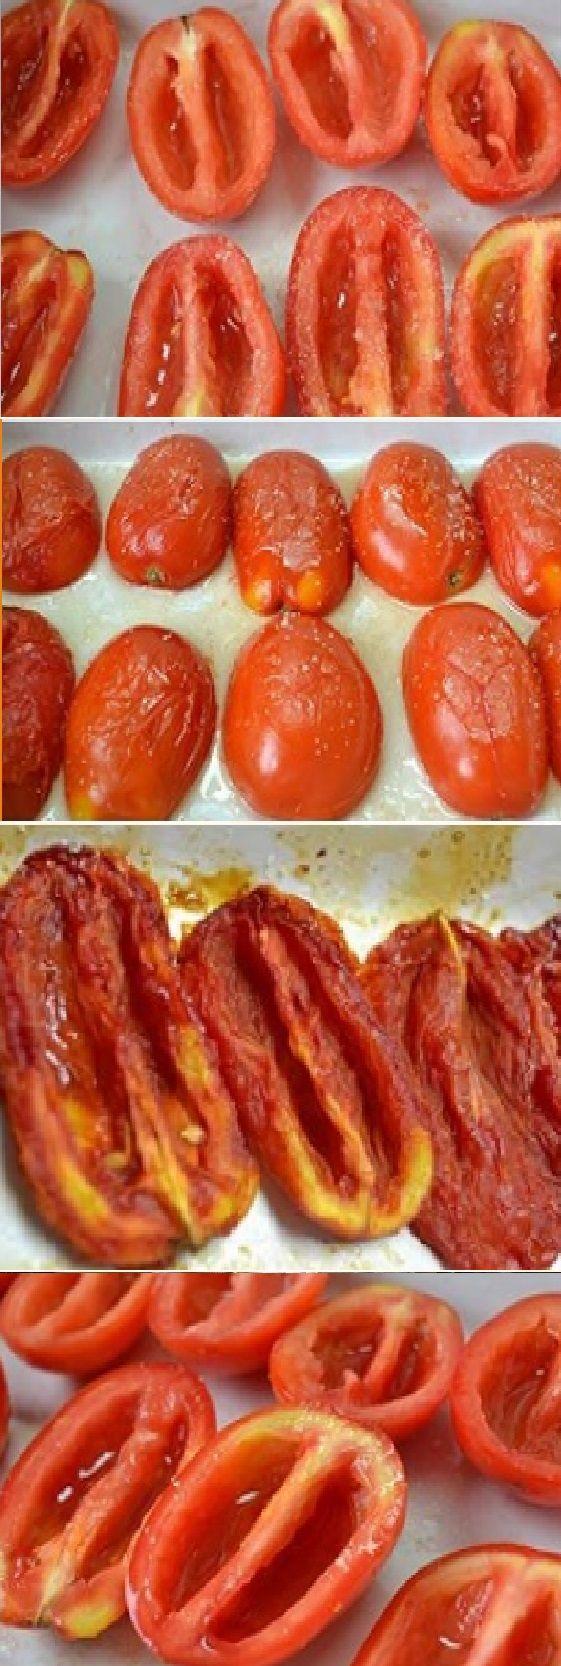 Cómo Hacer TOMATES SECOS caseros. #tomatoes #tomatosoup #tomate #tomates #tomateseco #comohacer #rellenos #ensaladas #salud #saludable #salad #receta #recipe #tasty #food Si te gusta dinos HOLA y dale a Me Gusta MIREN…